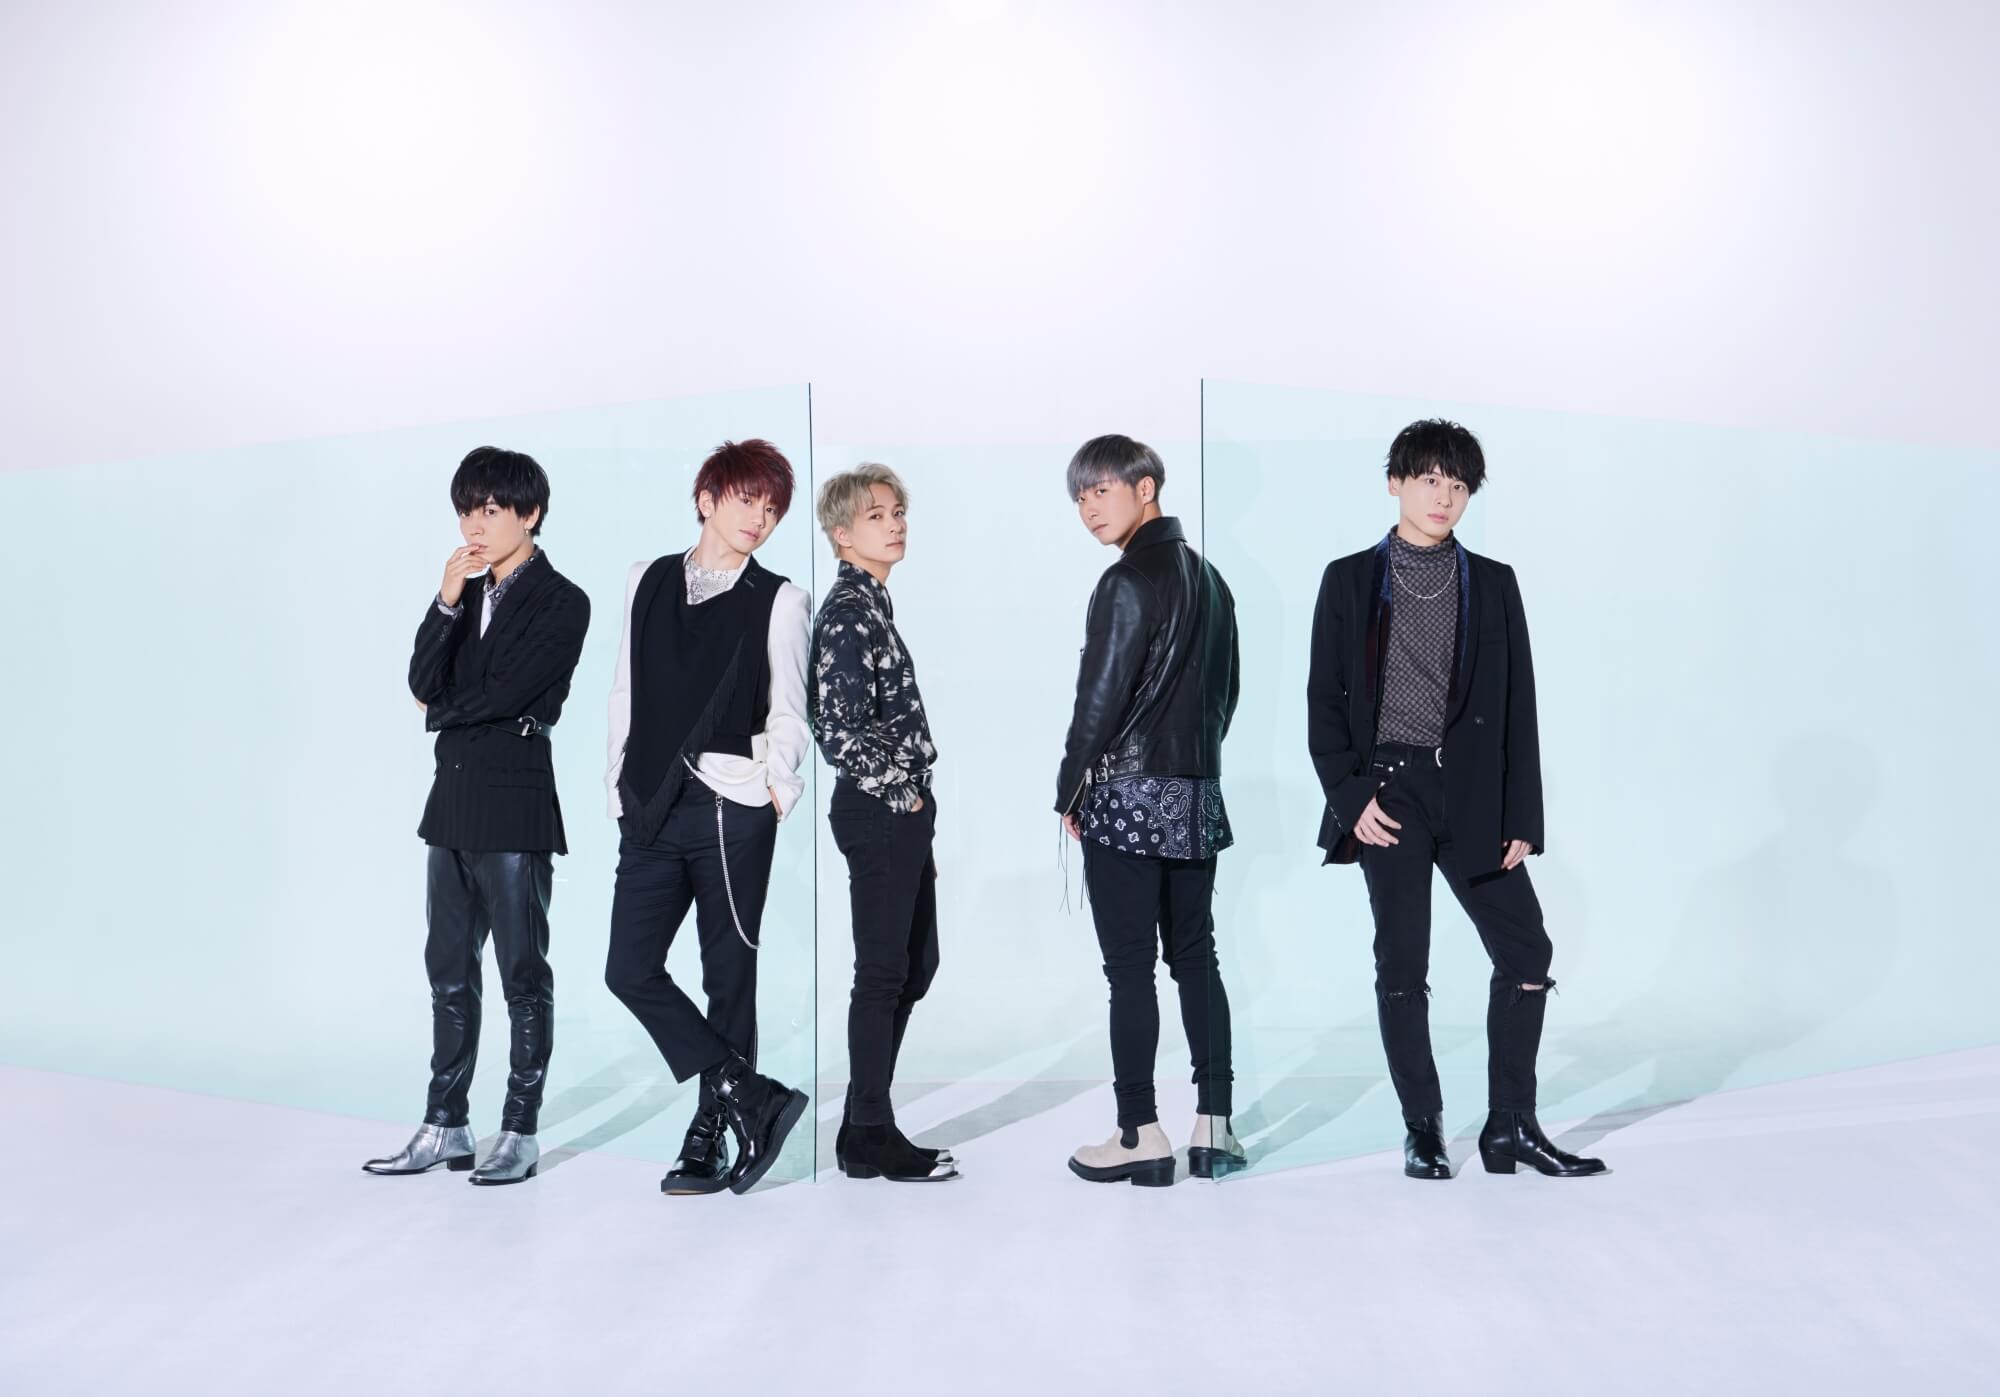 Da-iCE、新曲「Only for you」がTVアニメ「宝石商リチャード氏の謎鑑定」EDテーマに決定